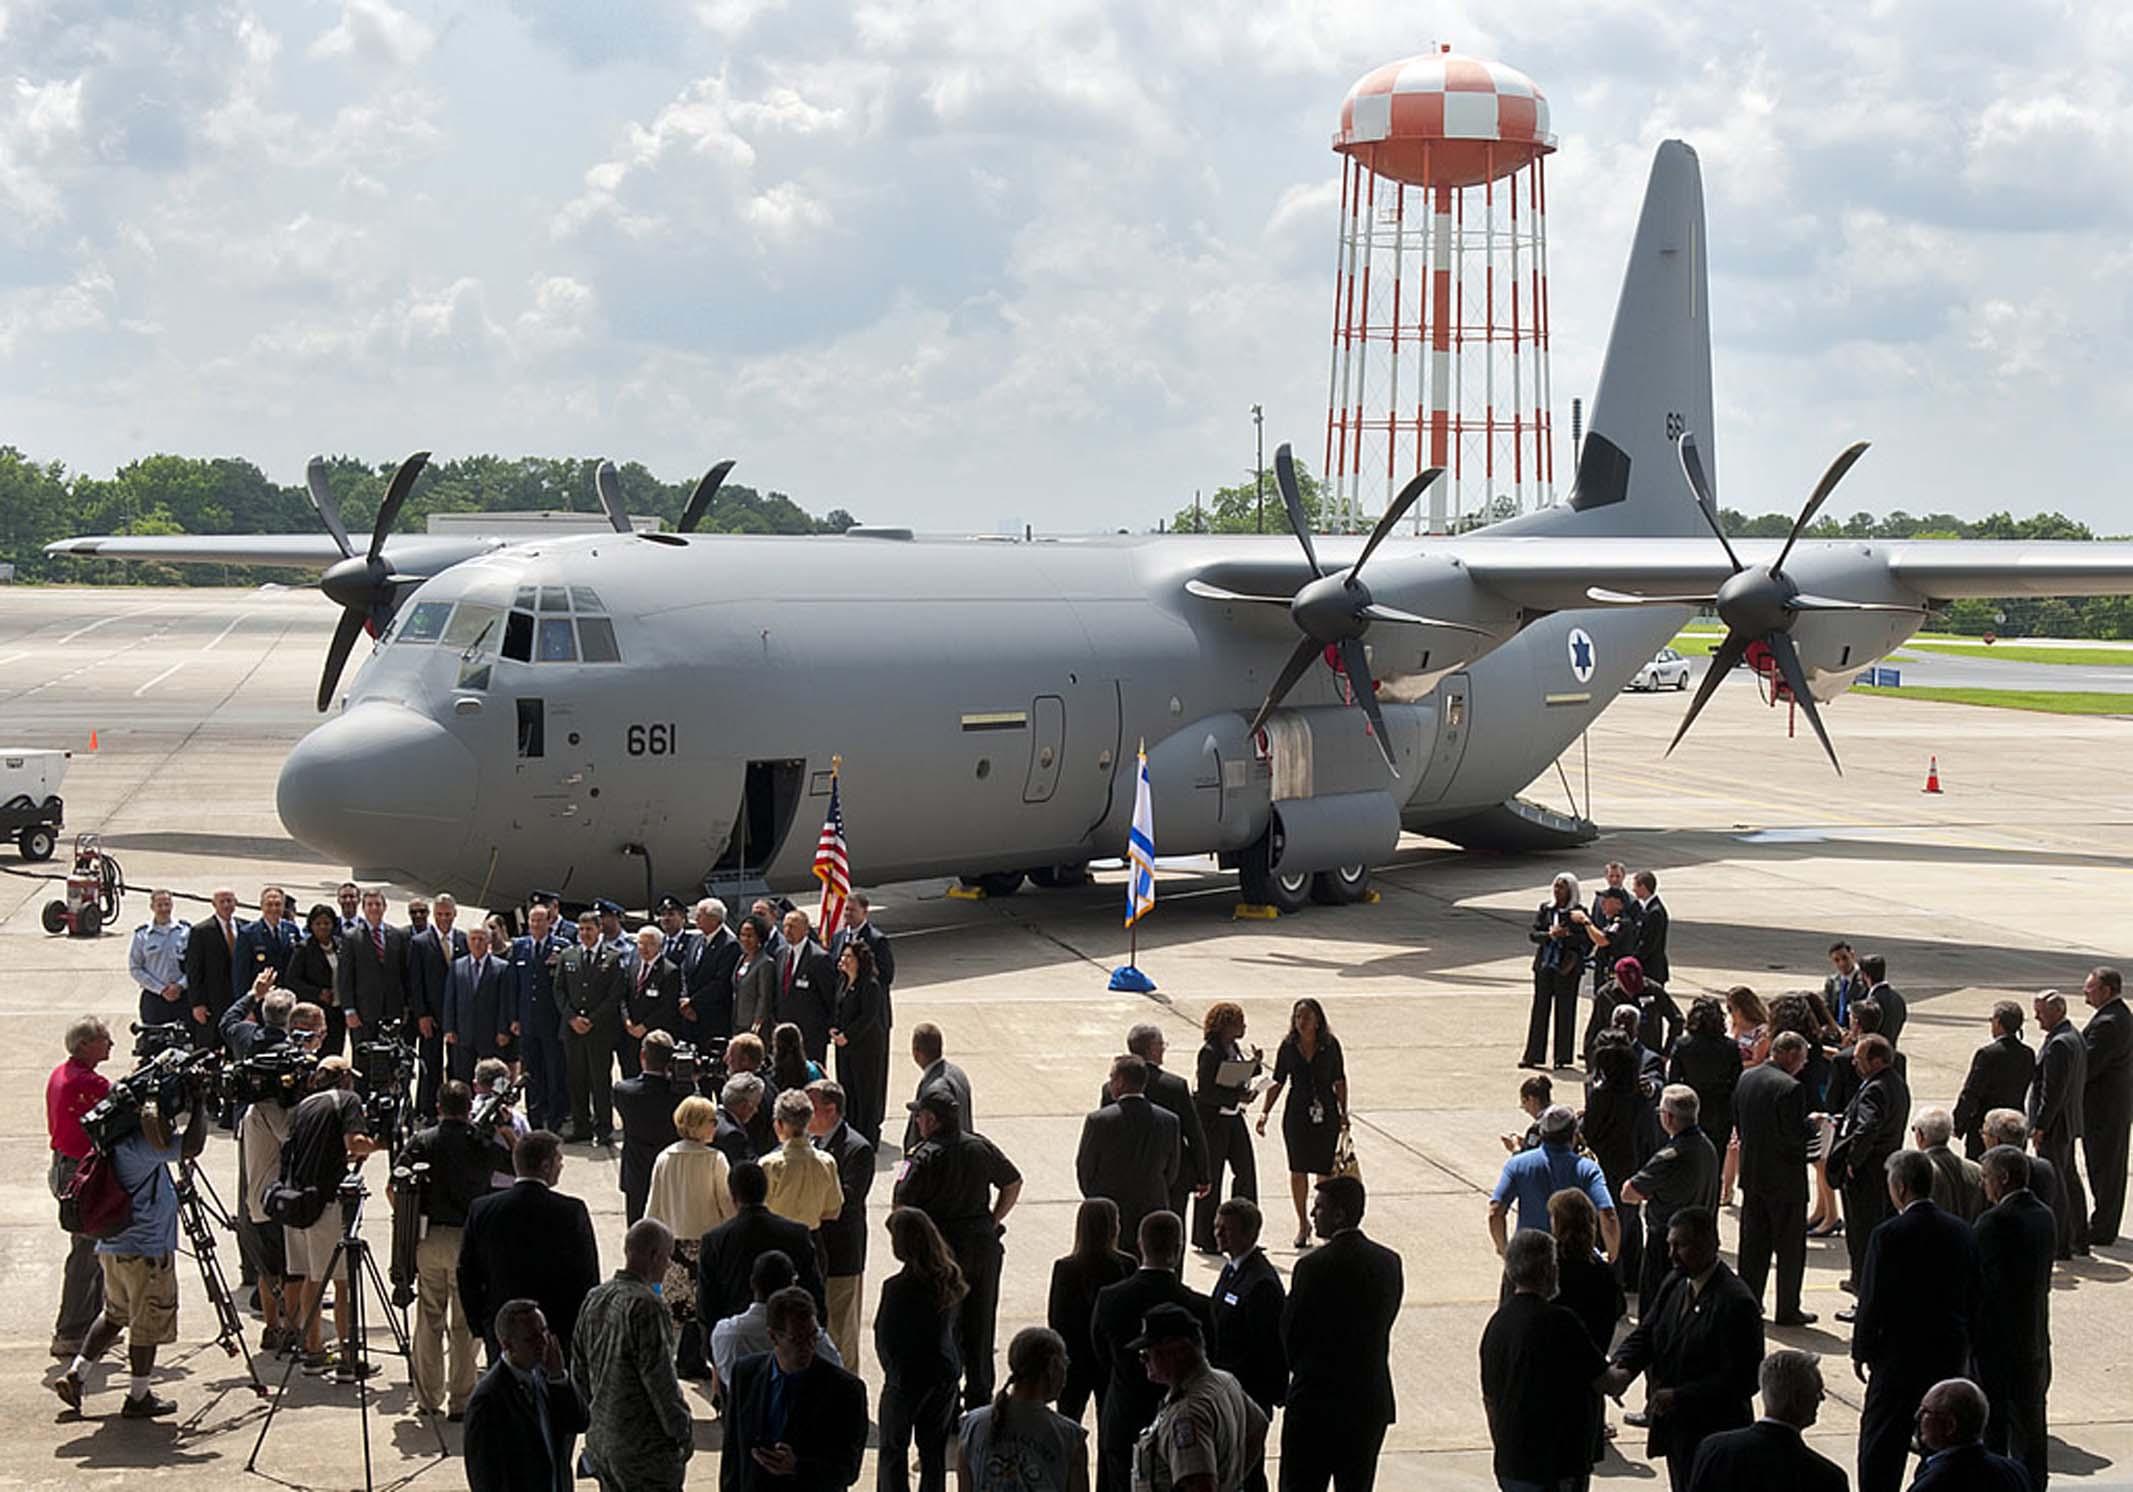 Os novos C-130J Super Hercules da Força Aérea de Israel se juntarão à frota  de C-130 de modelos mais antigos, em serviço desde 1971 naquele país (Foto: Lockheed Martin)